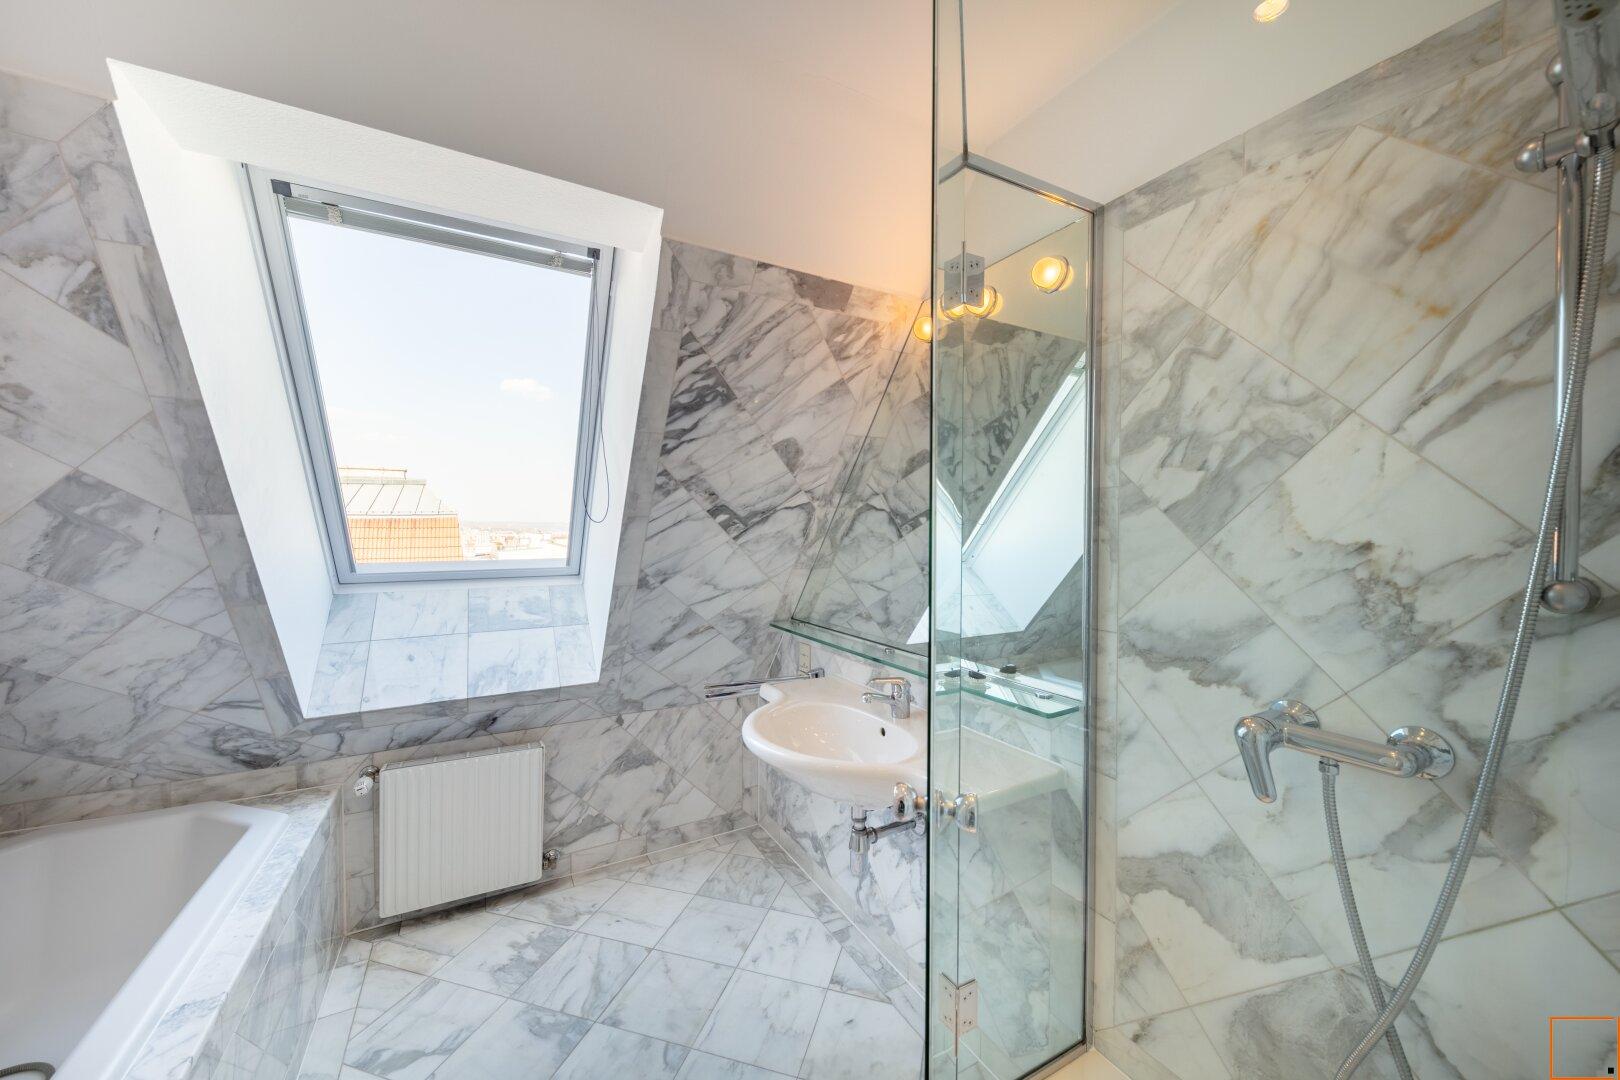 Badezimmer mit Fenster, Dusche, Badewanne und WC